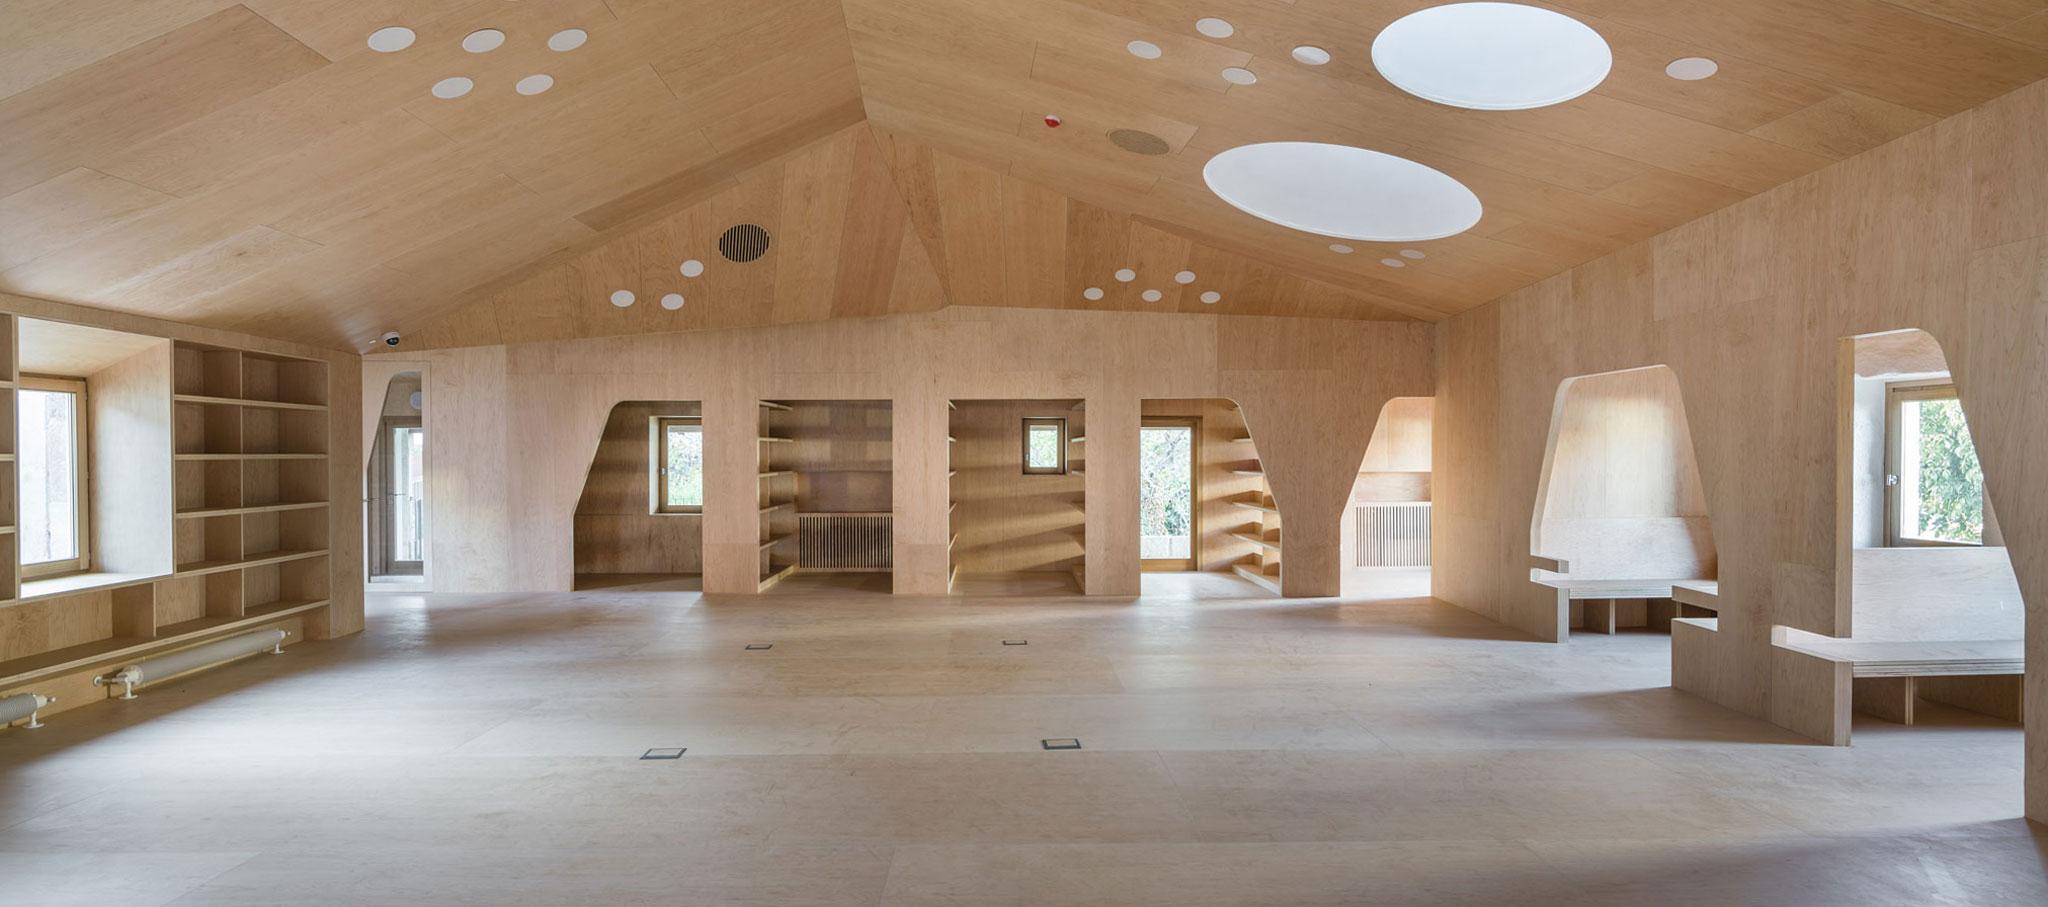 Sala de lectura principal. Biblioteca pública y Archivo histórico por Murado&Elvira Architecture. Fotografía © Imagen subliminal